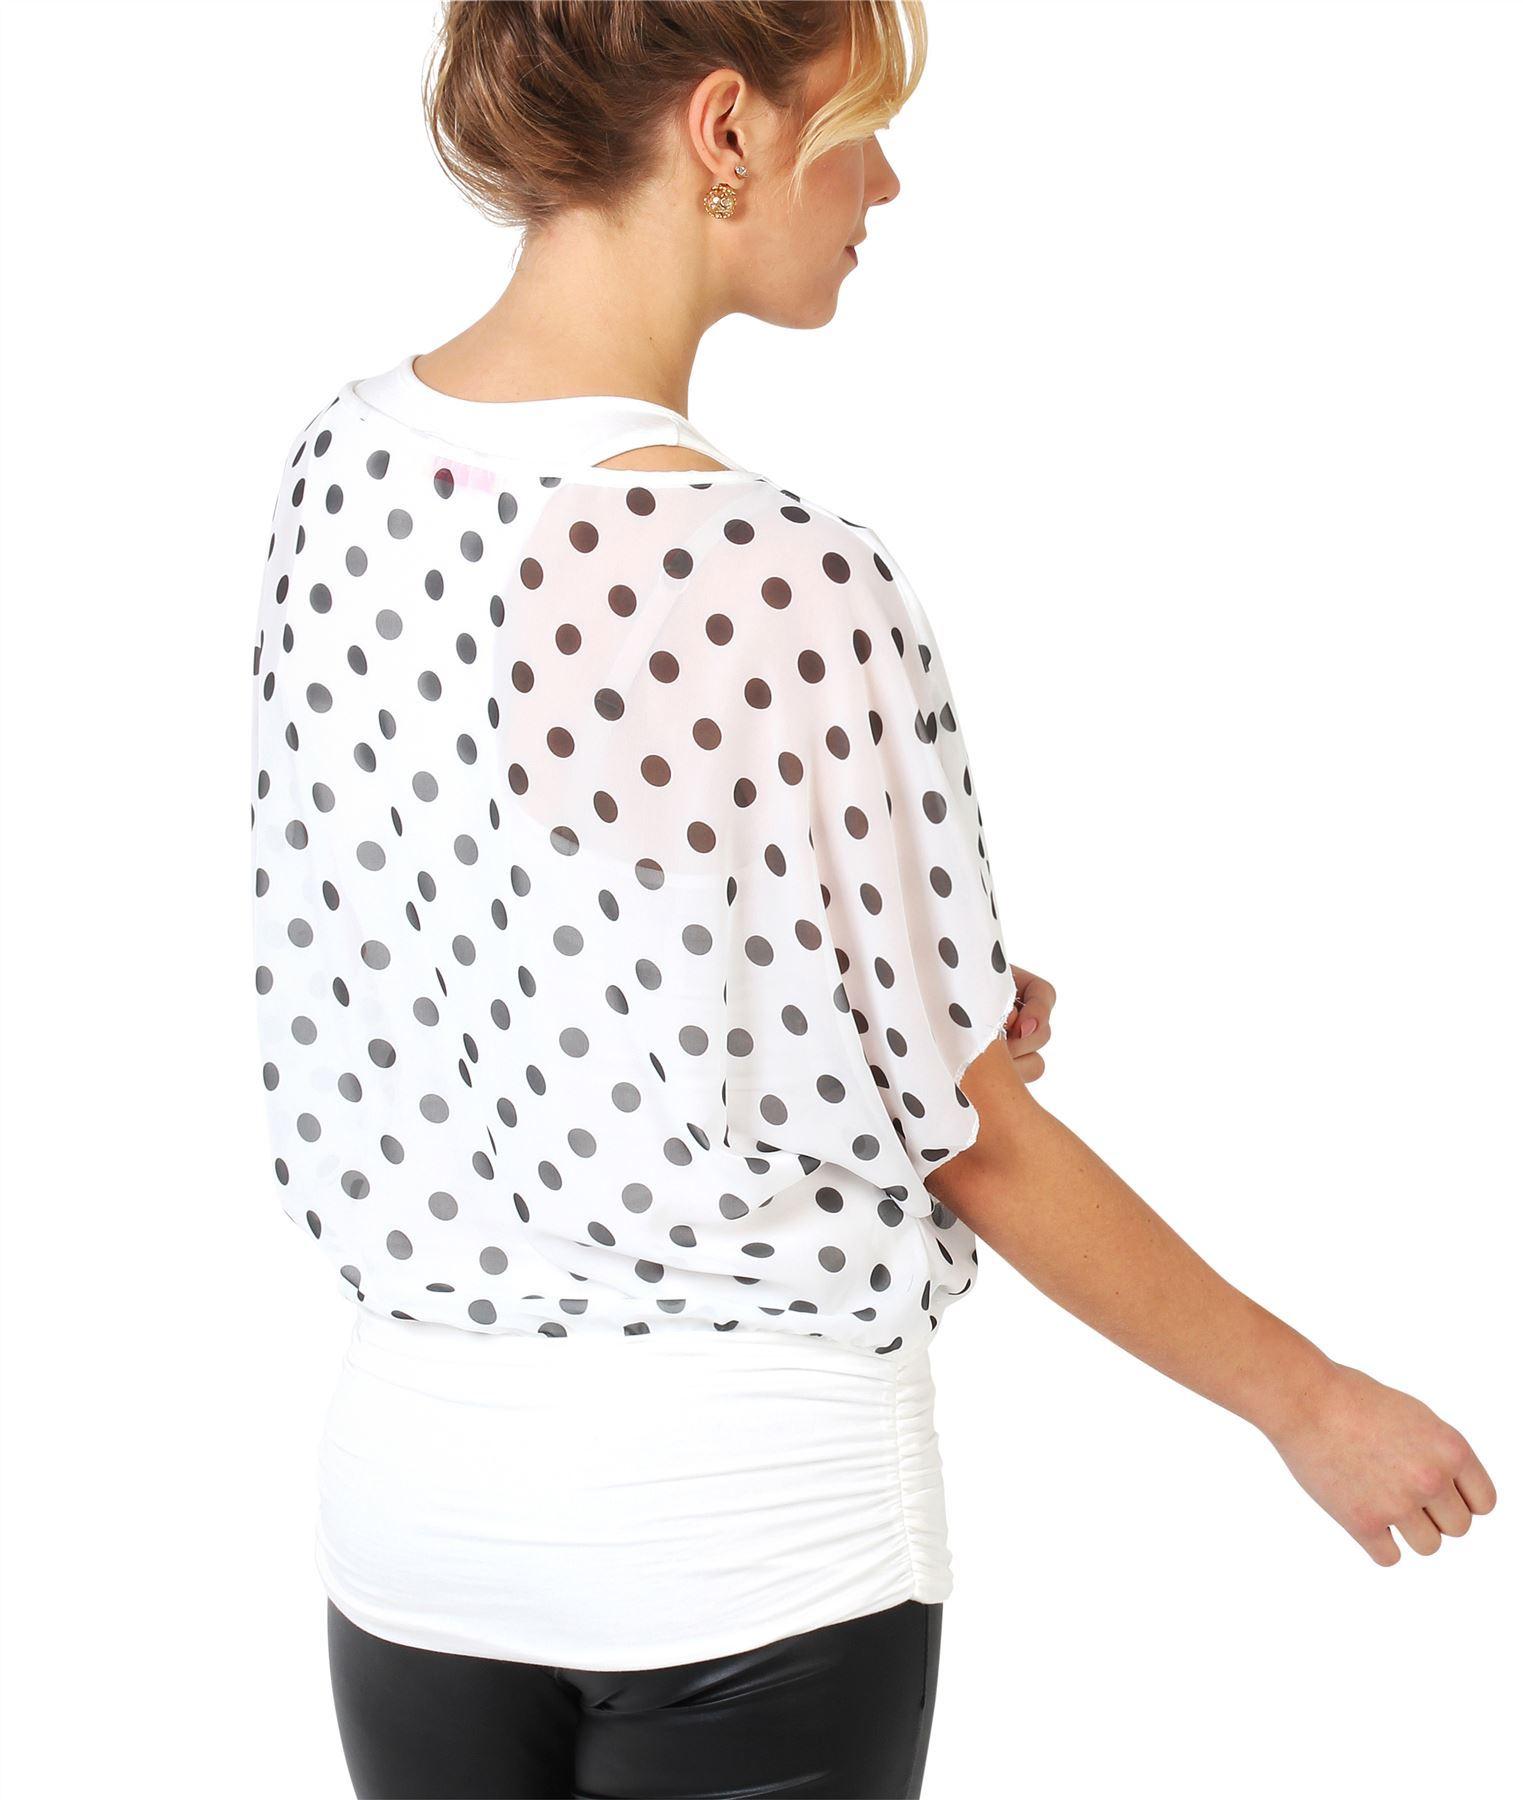 Damen-2in1-Chiffon-Bluse-Leichtes-Top-Weite-Fledermausaermel-Oversize-Kurzarm Indexbild 46